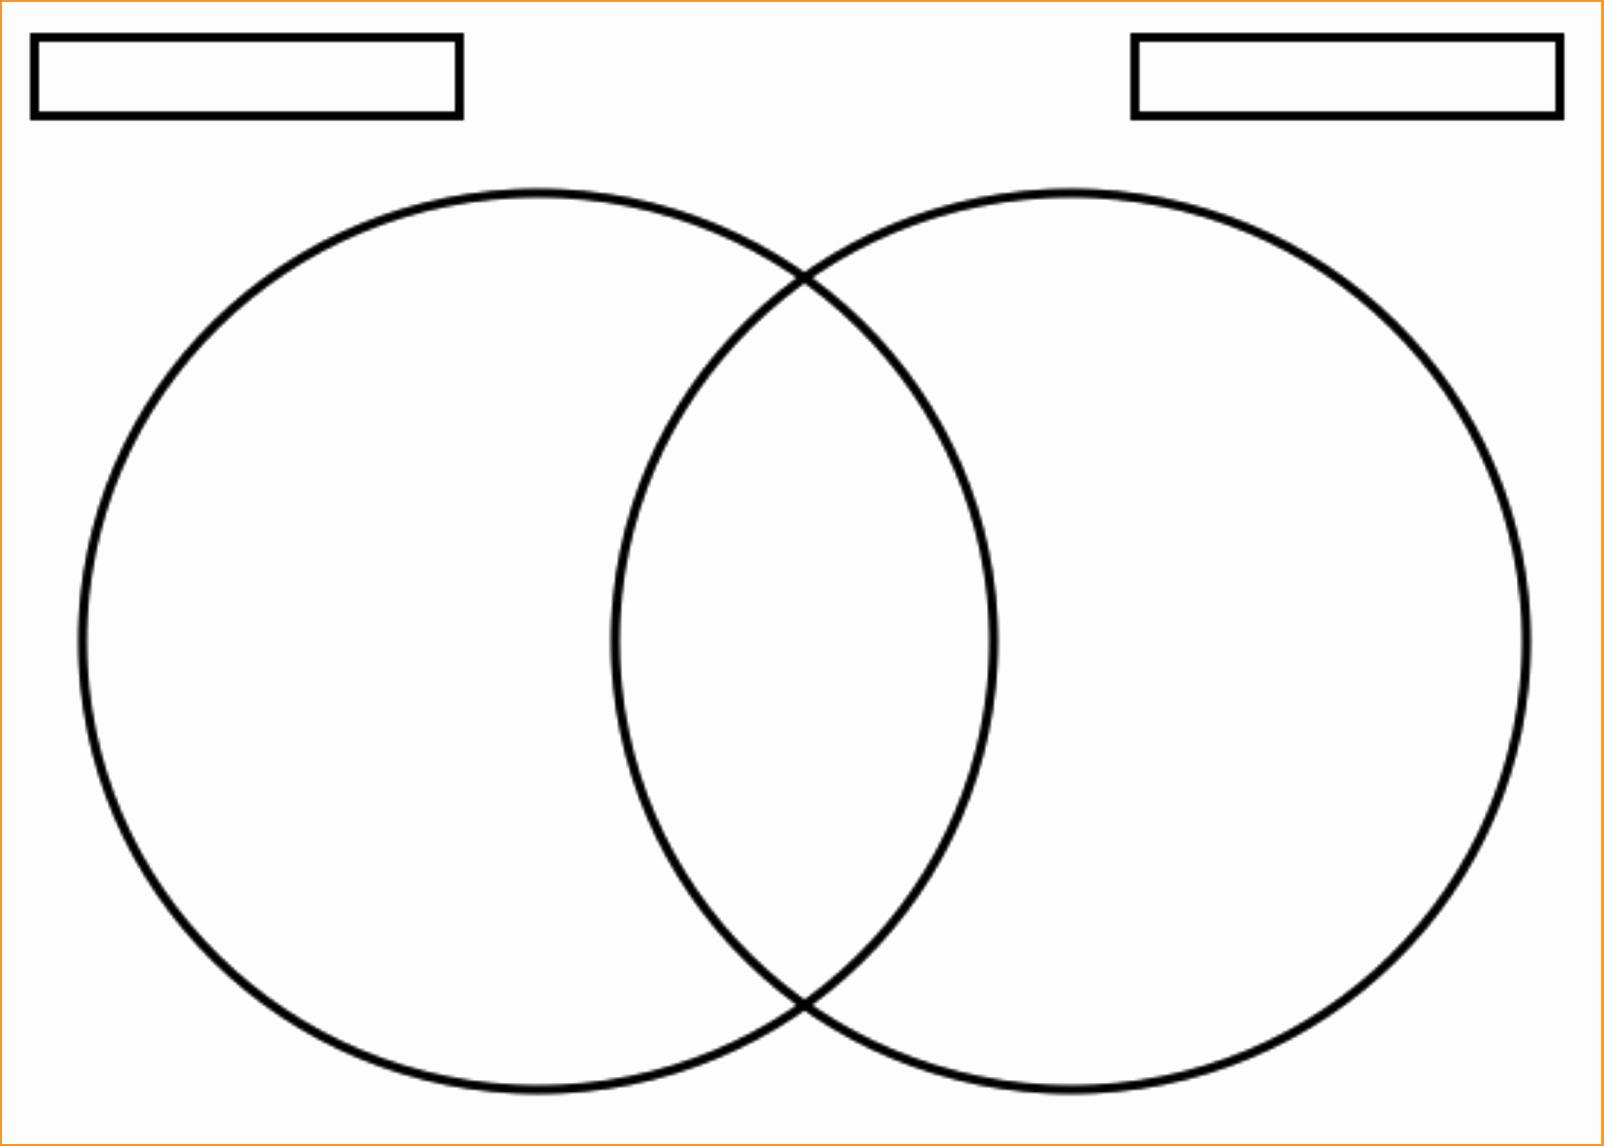 Venn Diagram Template Word Lovely Venn Diagram Template